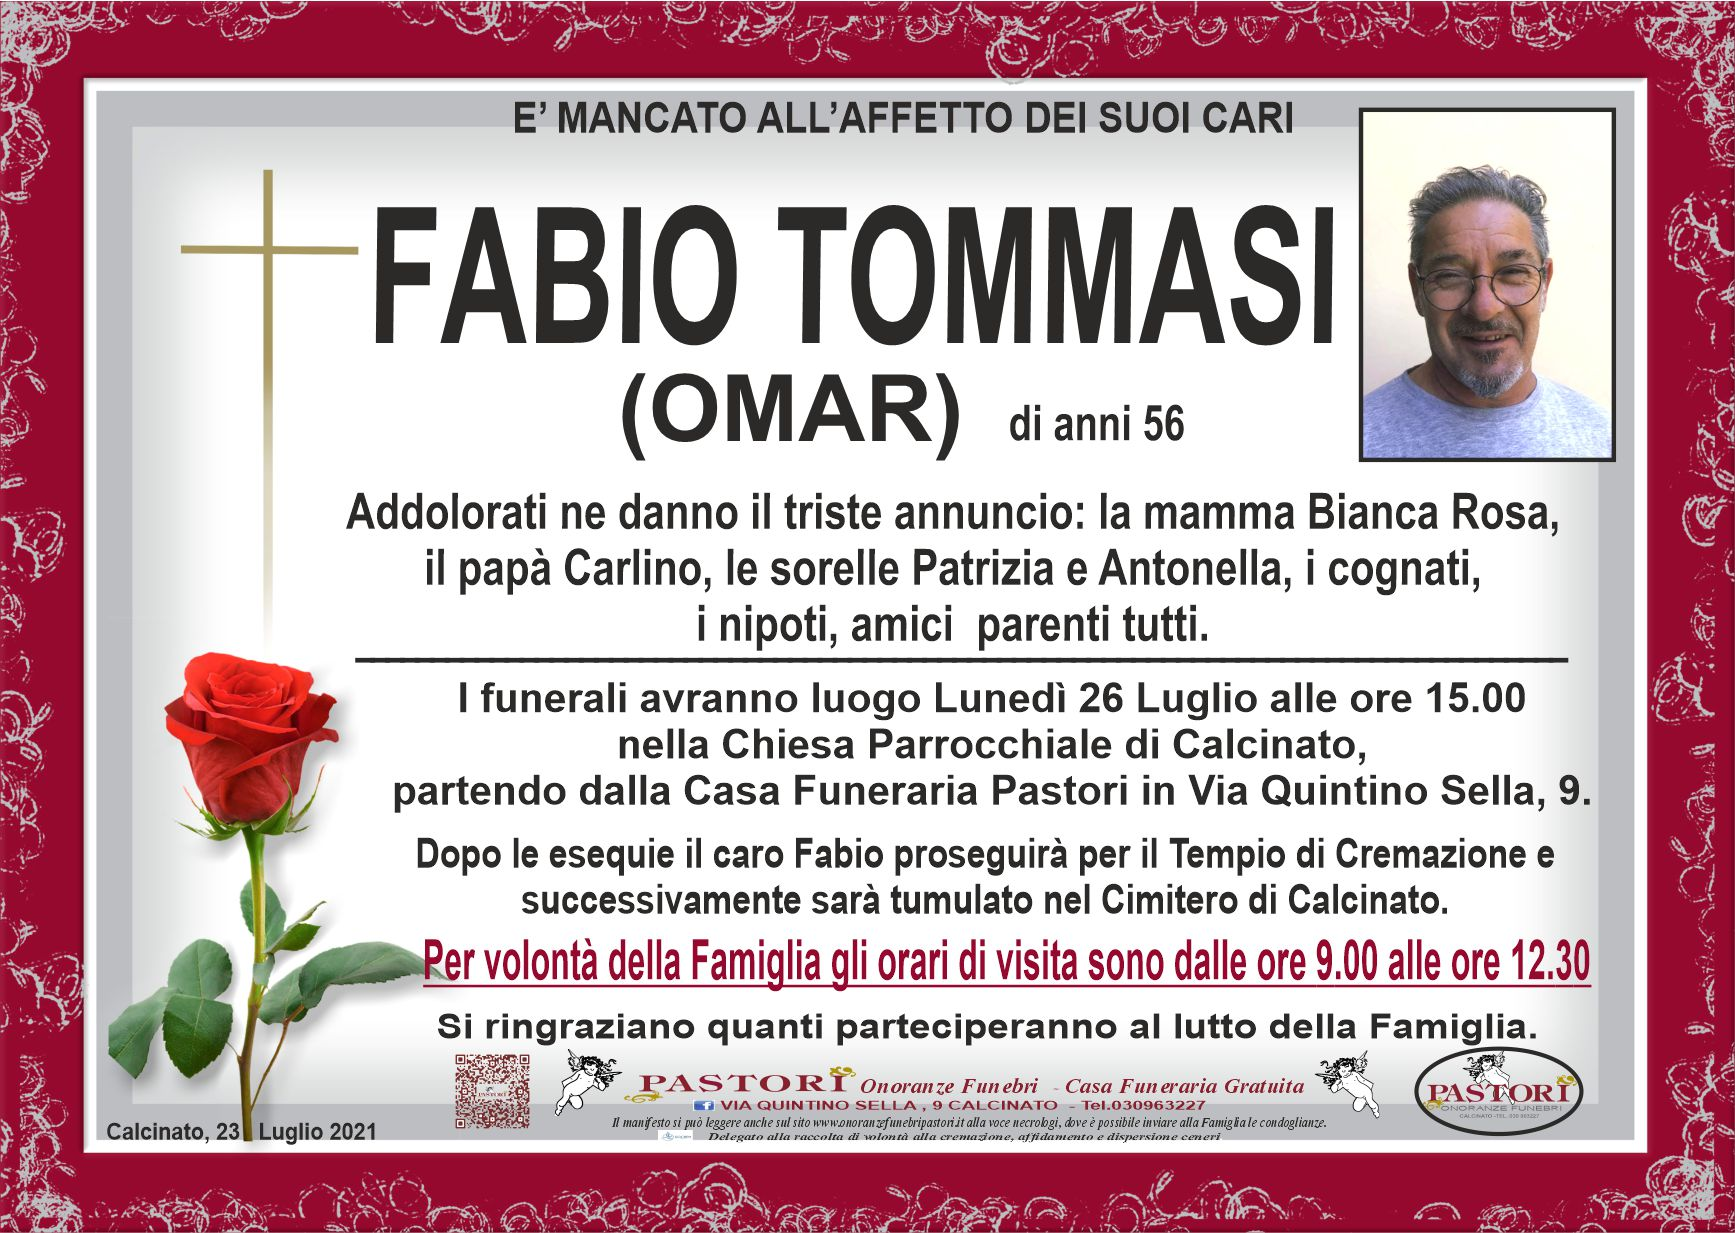 Fabio Tommasi